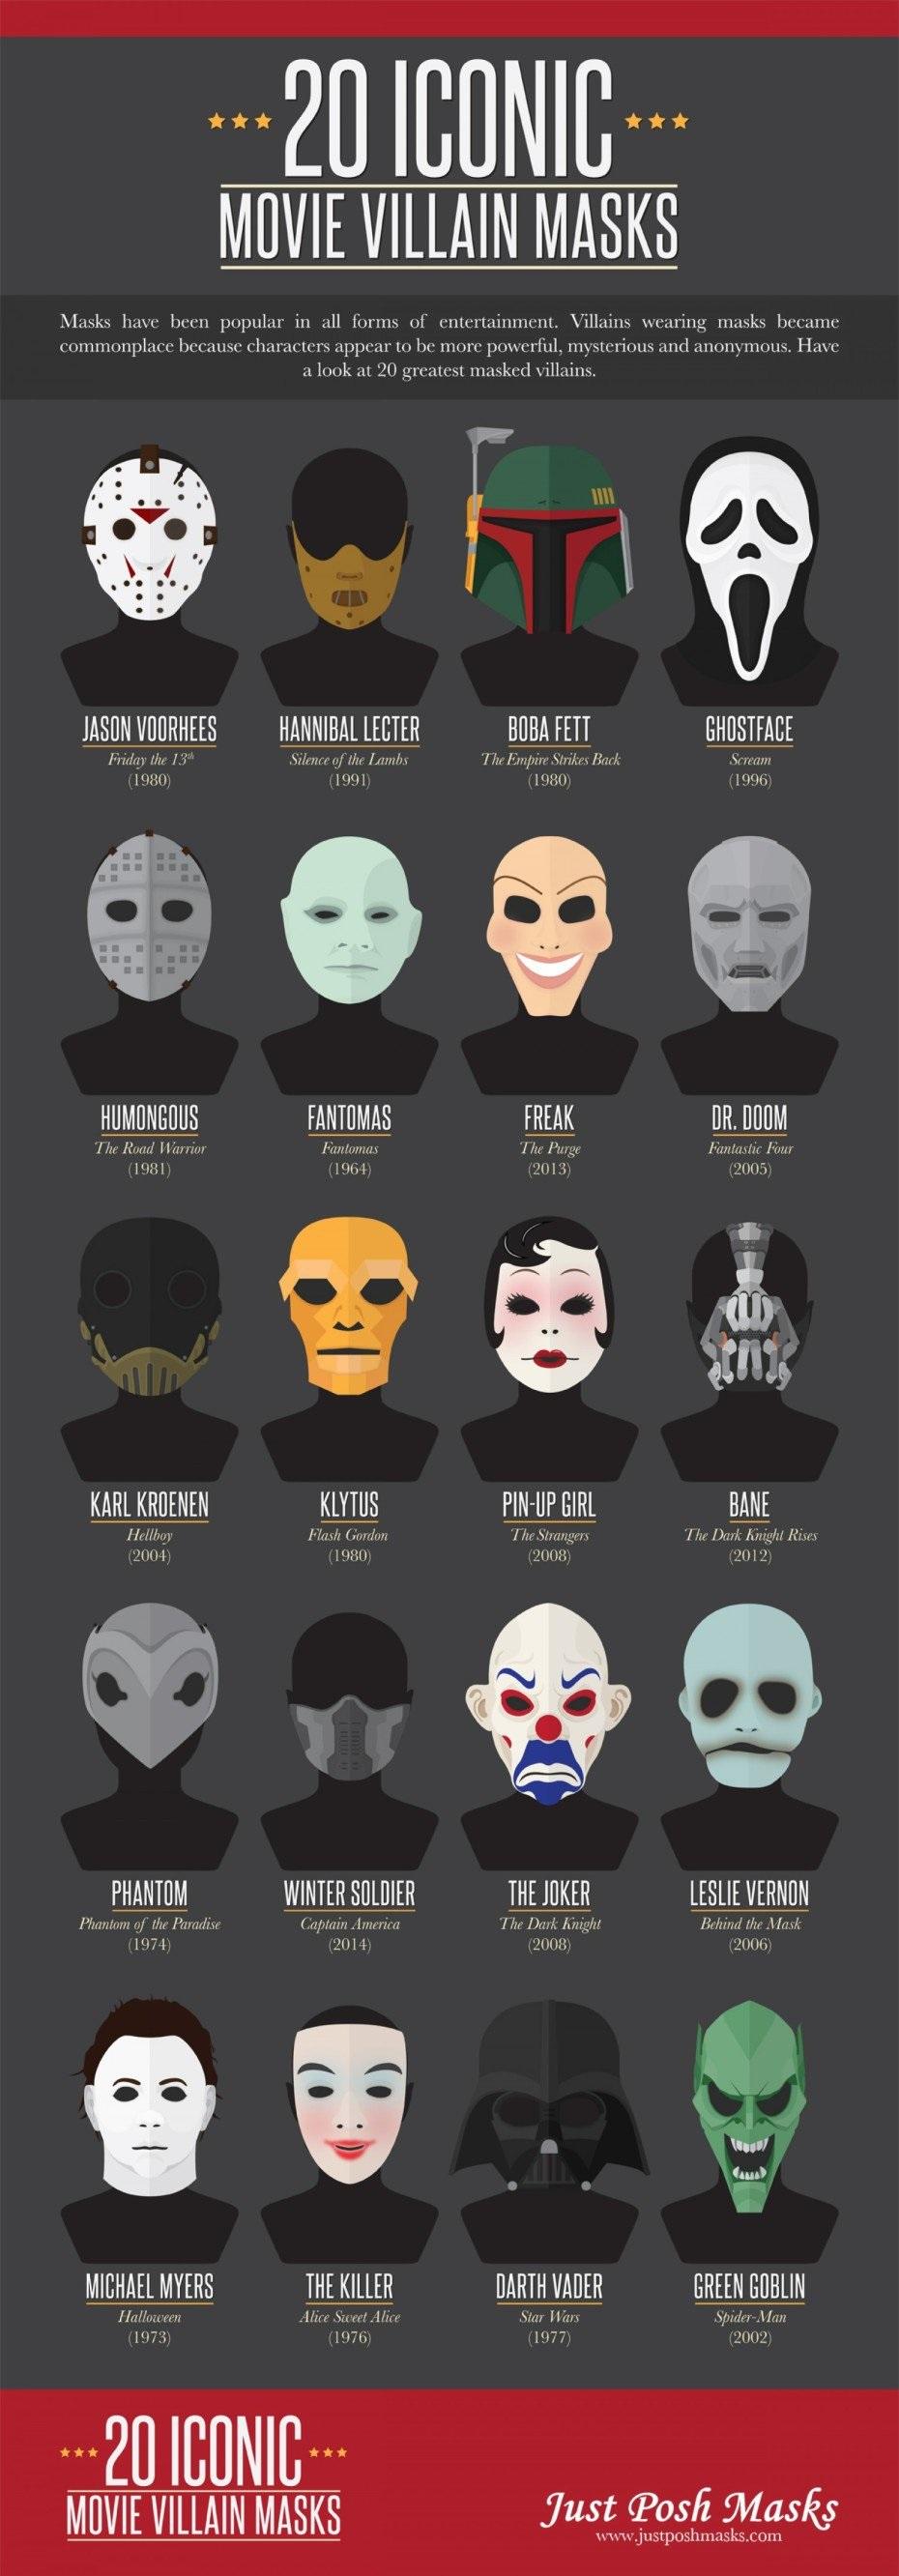 filmlerin-kotu-karakterlerinden-20-ikonlasmis-maske-forzamad